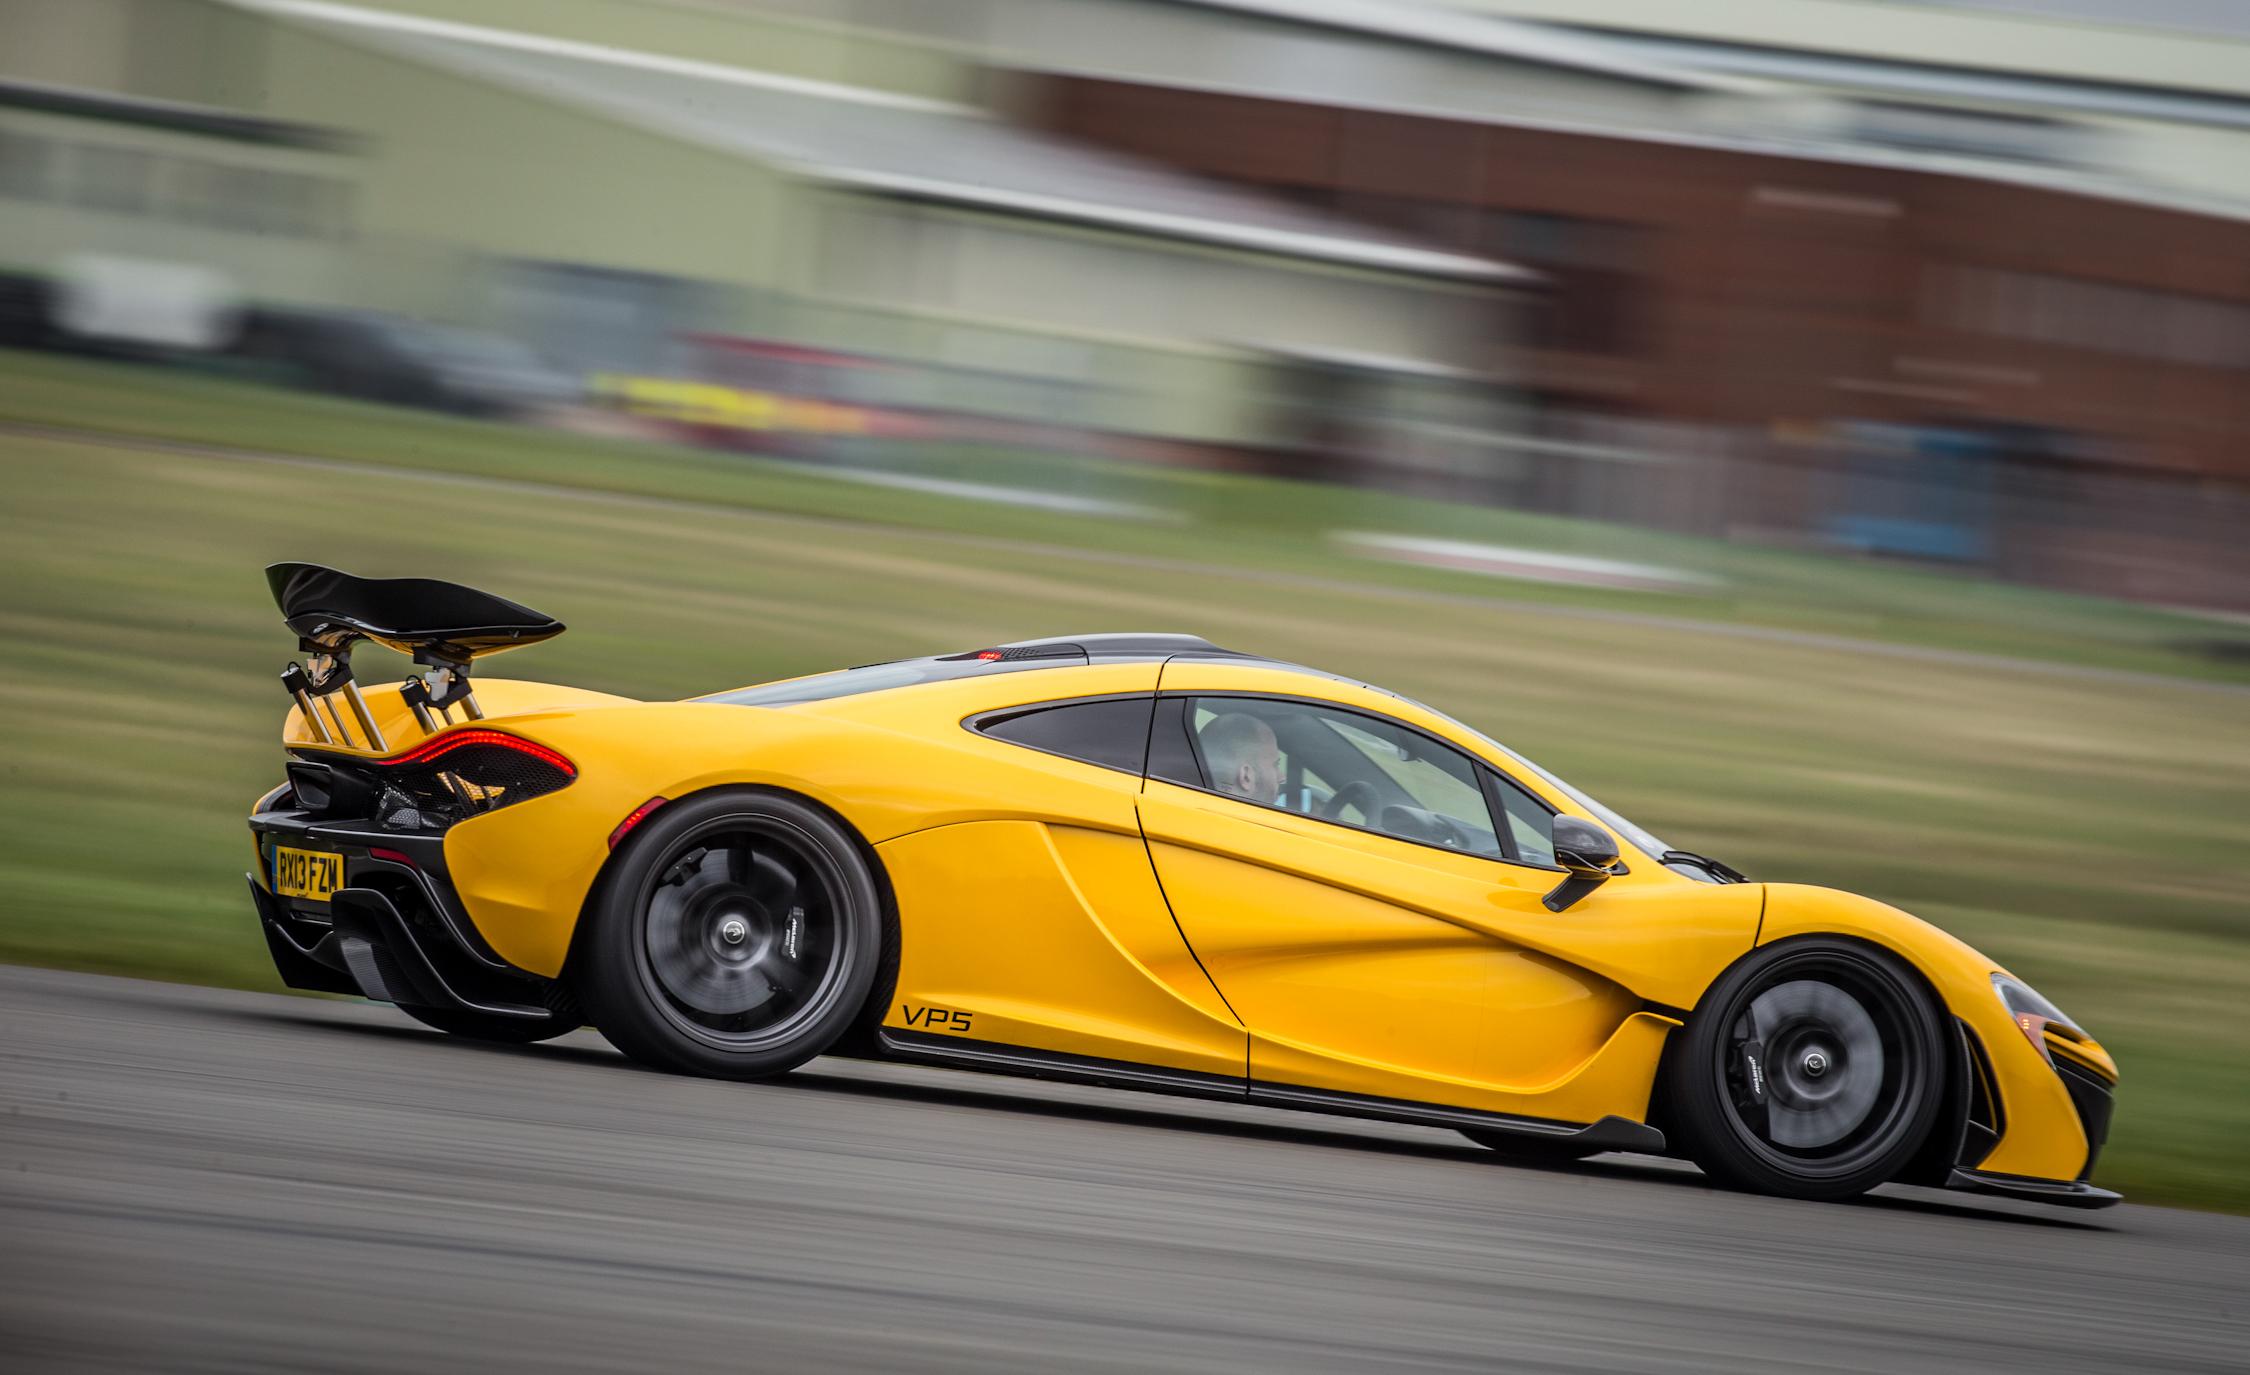 2014 McLaren P (View 1 of 53)